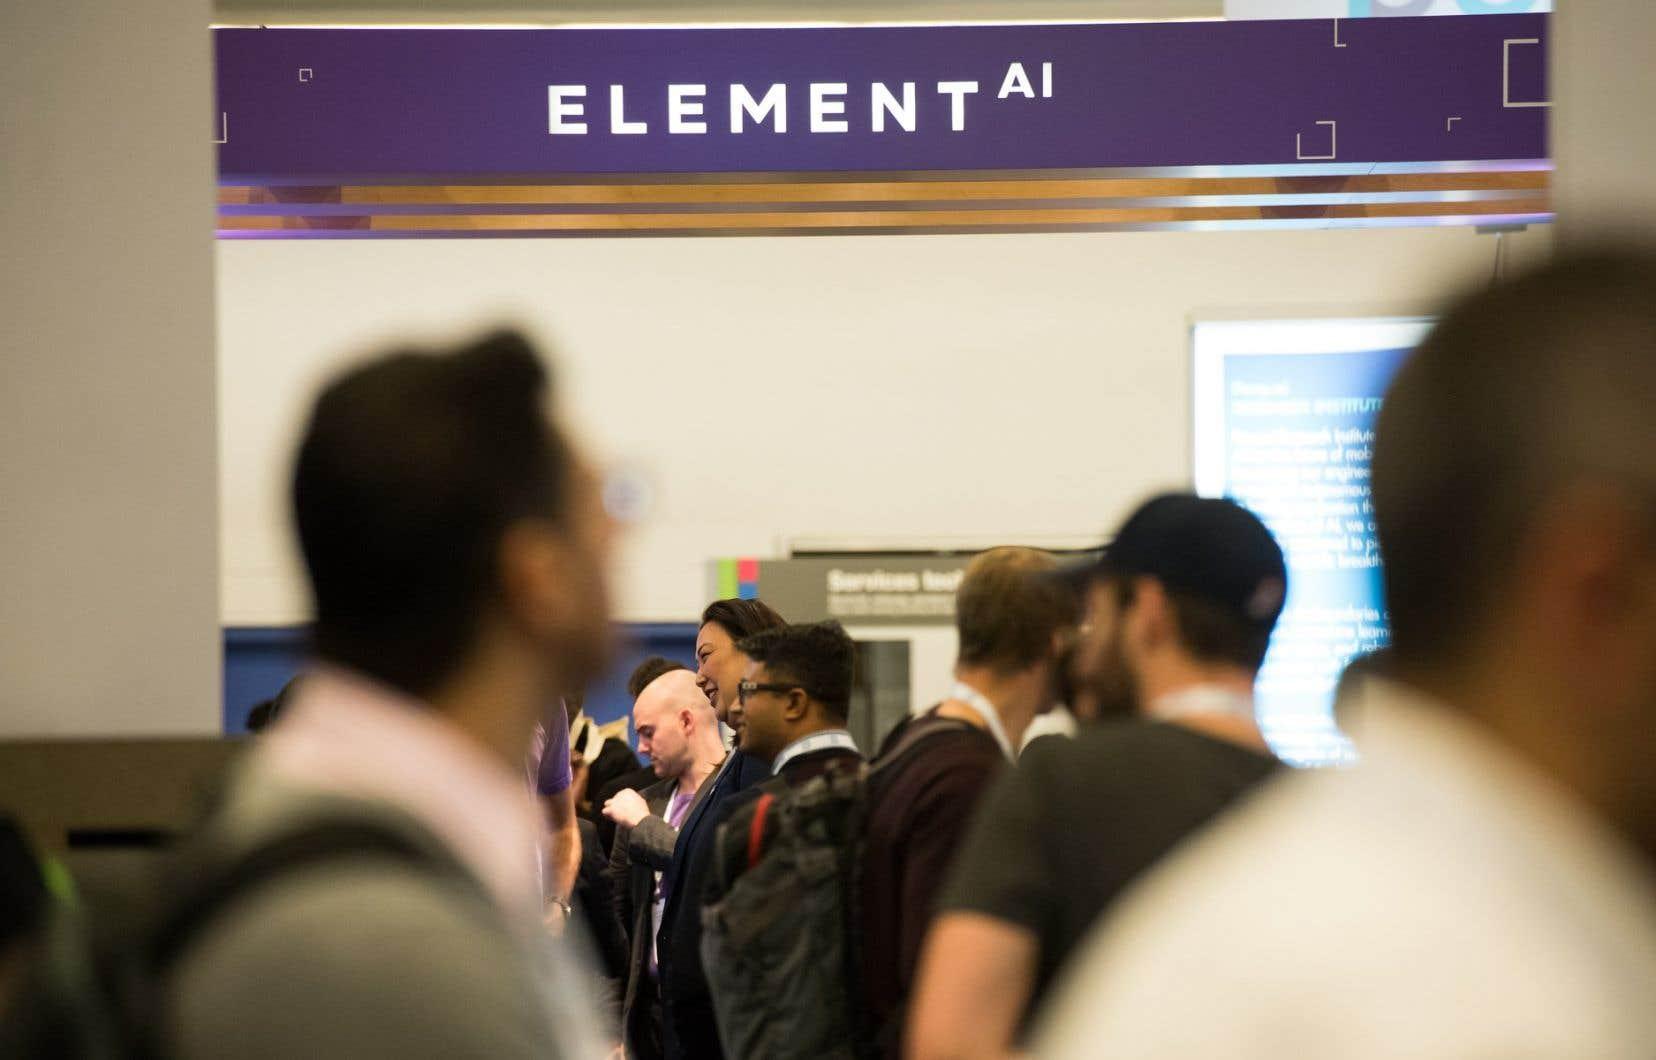 «Si Québec a décidé de ne pas engager les 200millions US$ qu'a déboursés ServiceNow pour Element AI, ce n'est pas parce que les moyens manquaient, mais bien parce que cette dernière n'a pas répondu aux attentes placées en elle», écrit l'auteur.